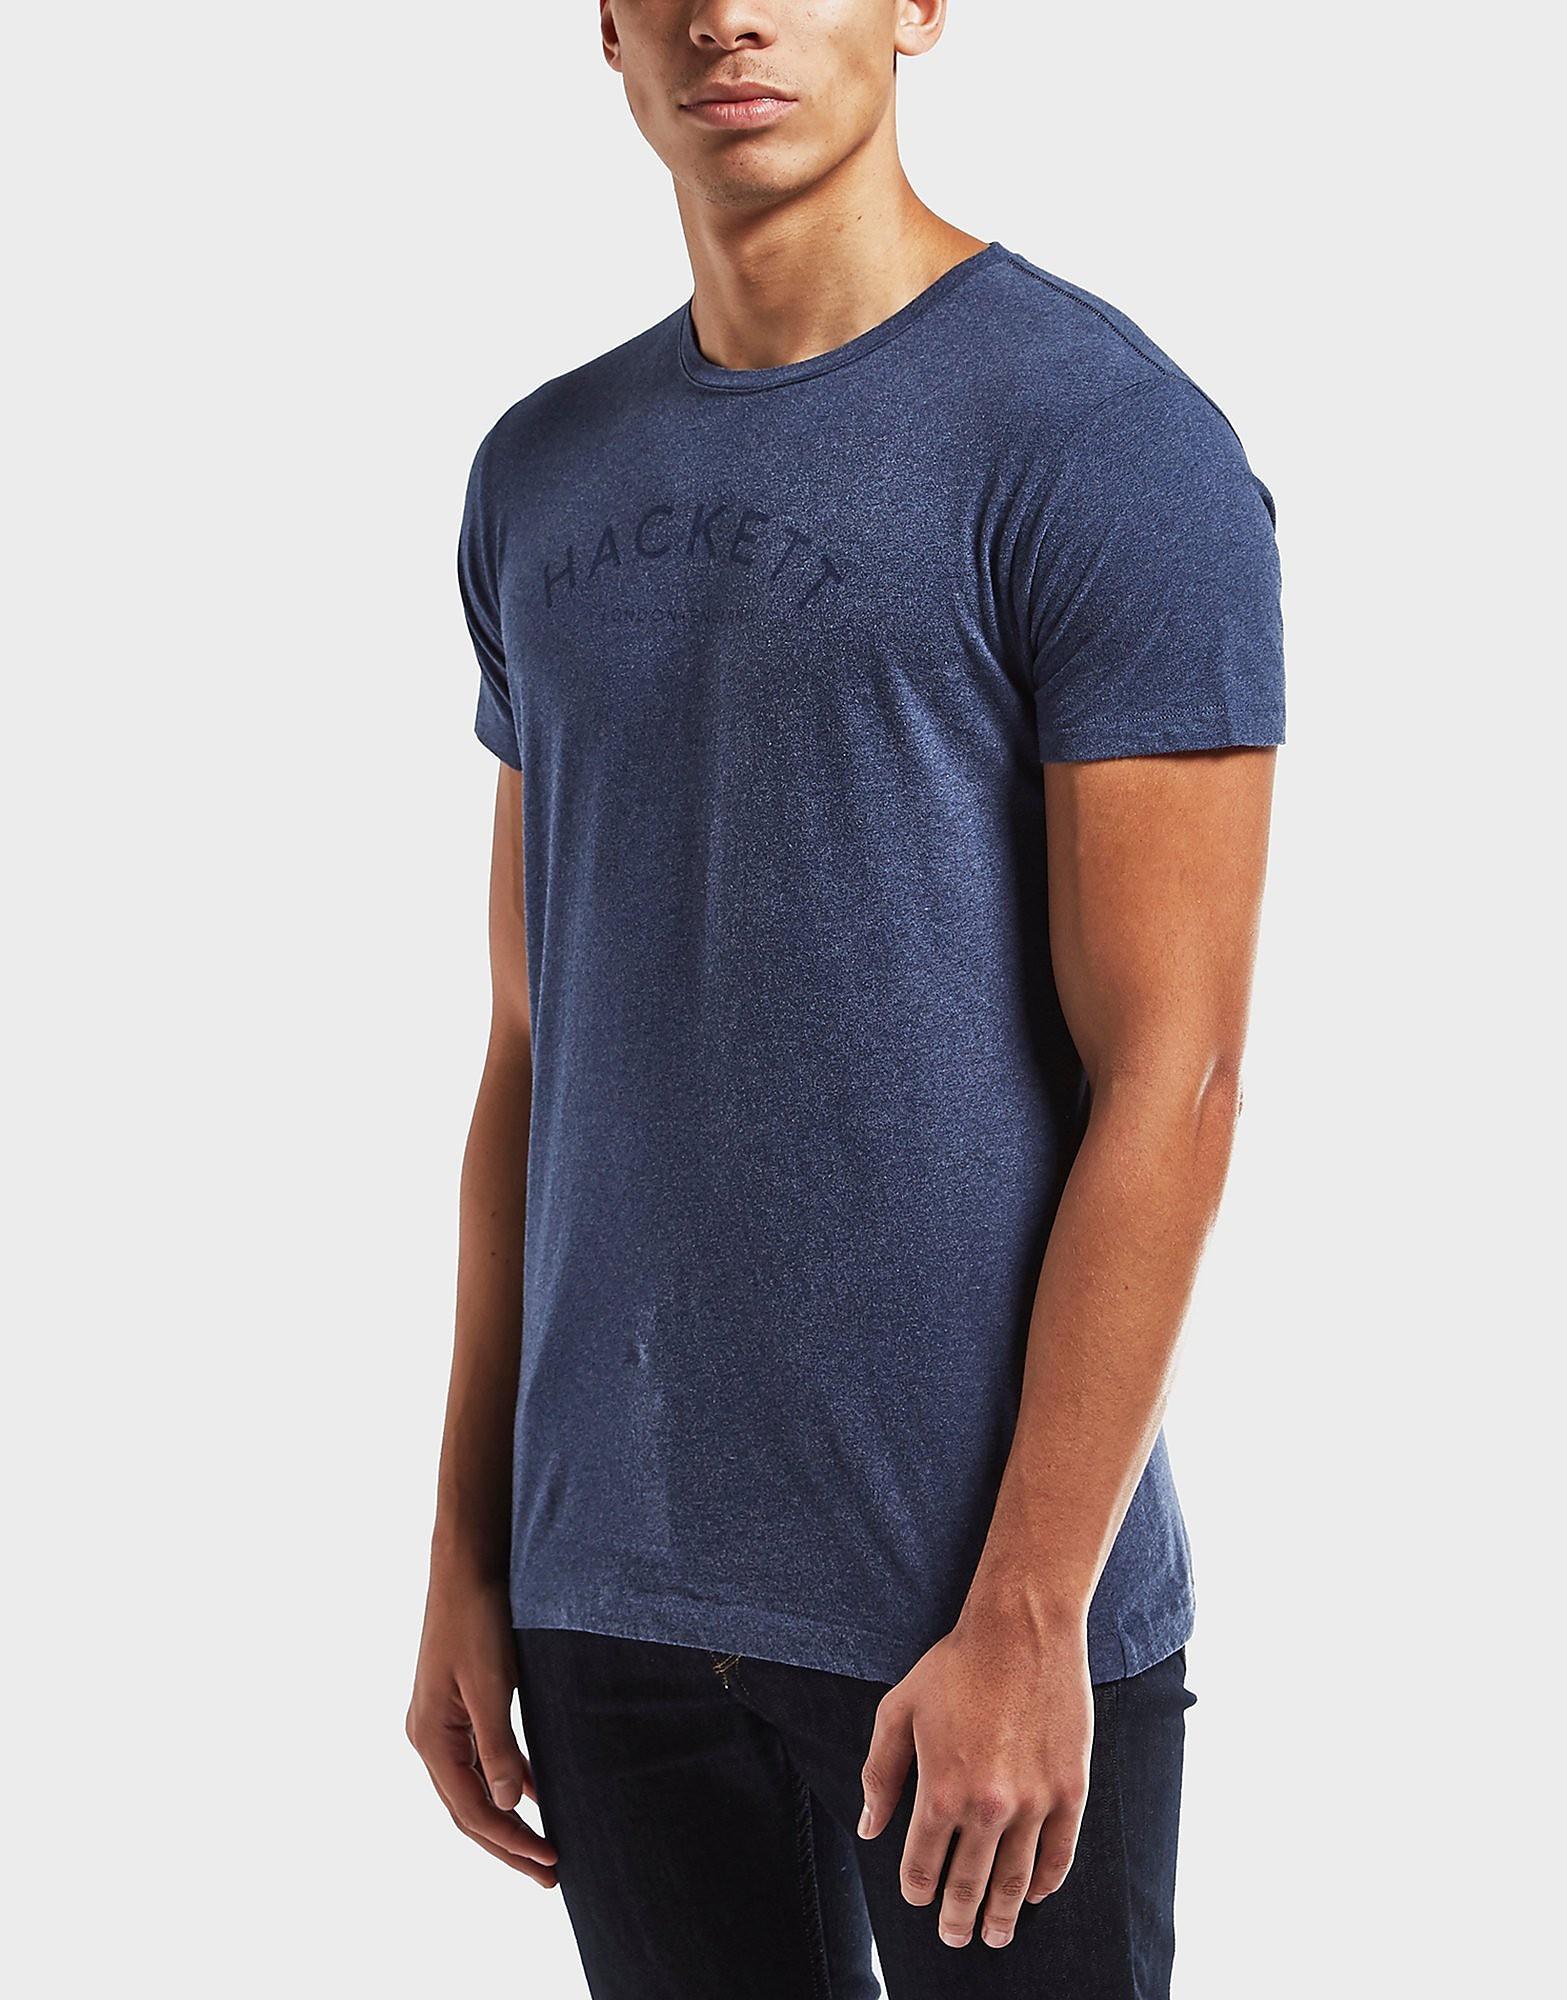 HACKETT Logo Short Sleeve T-Shirt